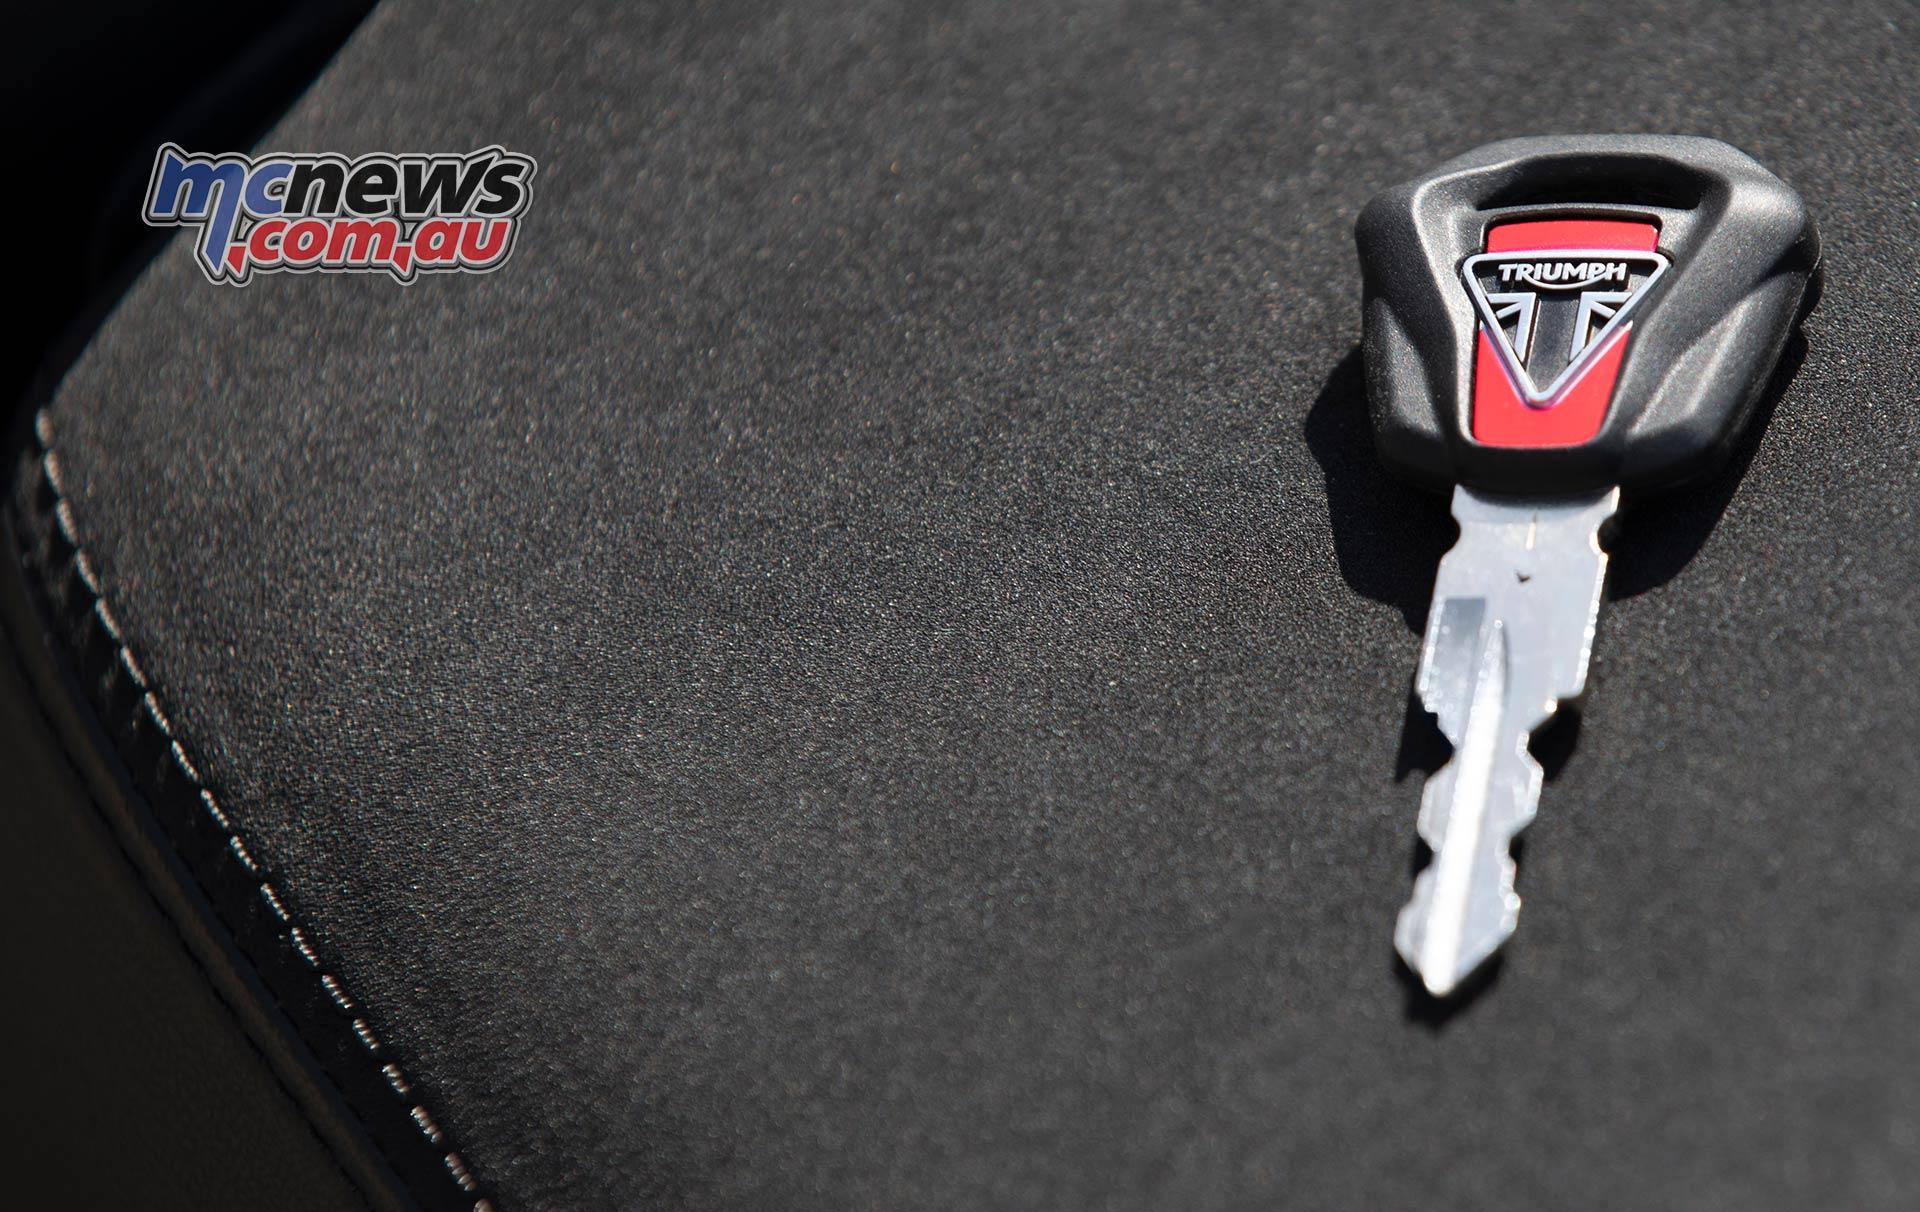 Triumph Thruxton RS Key